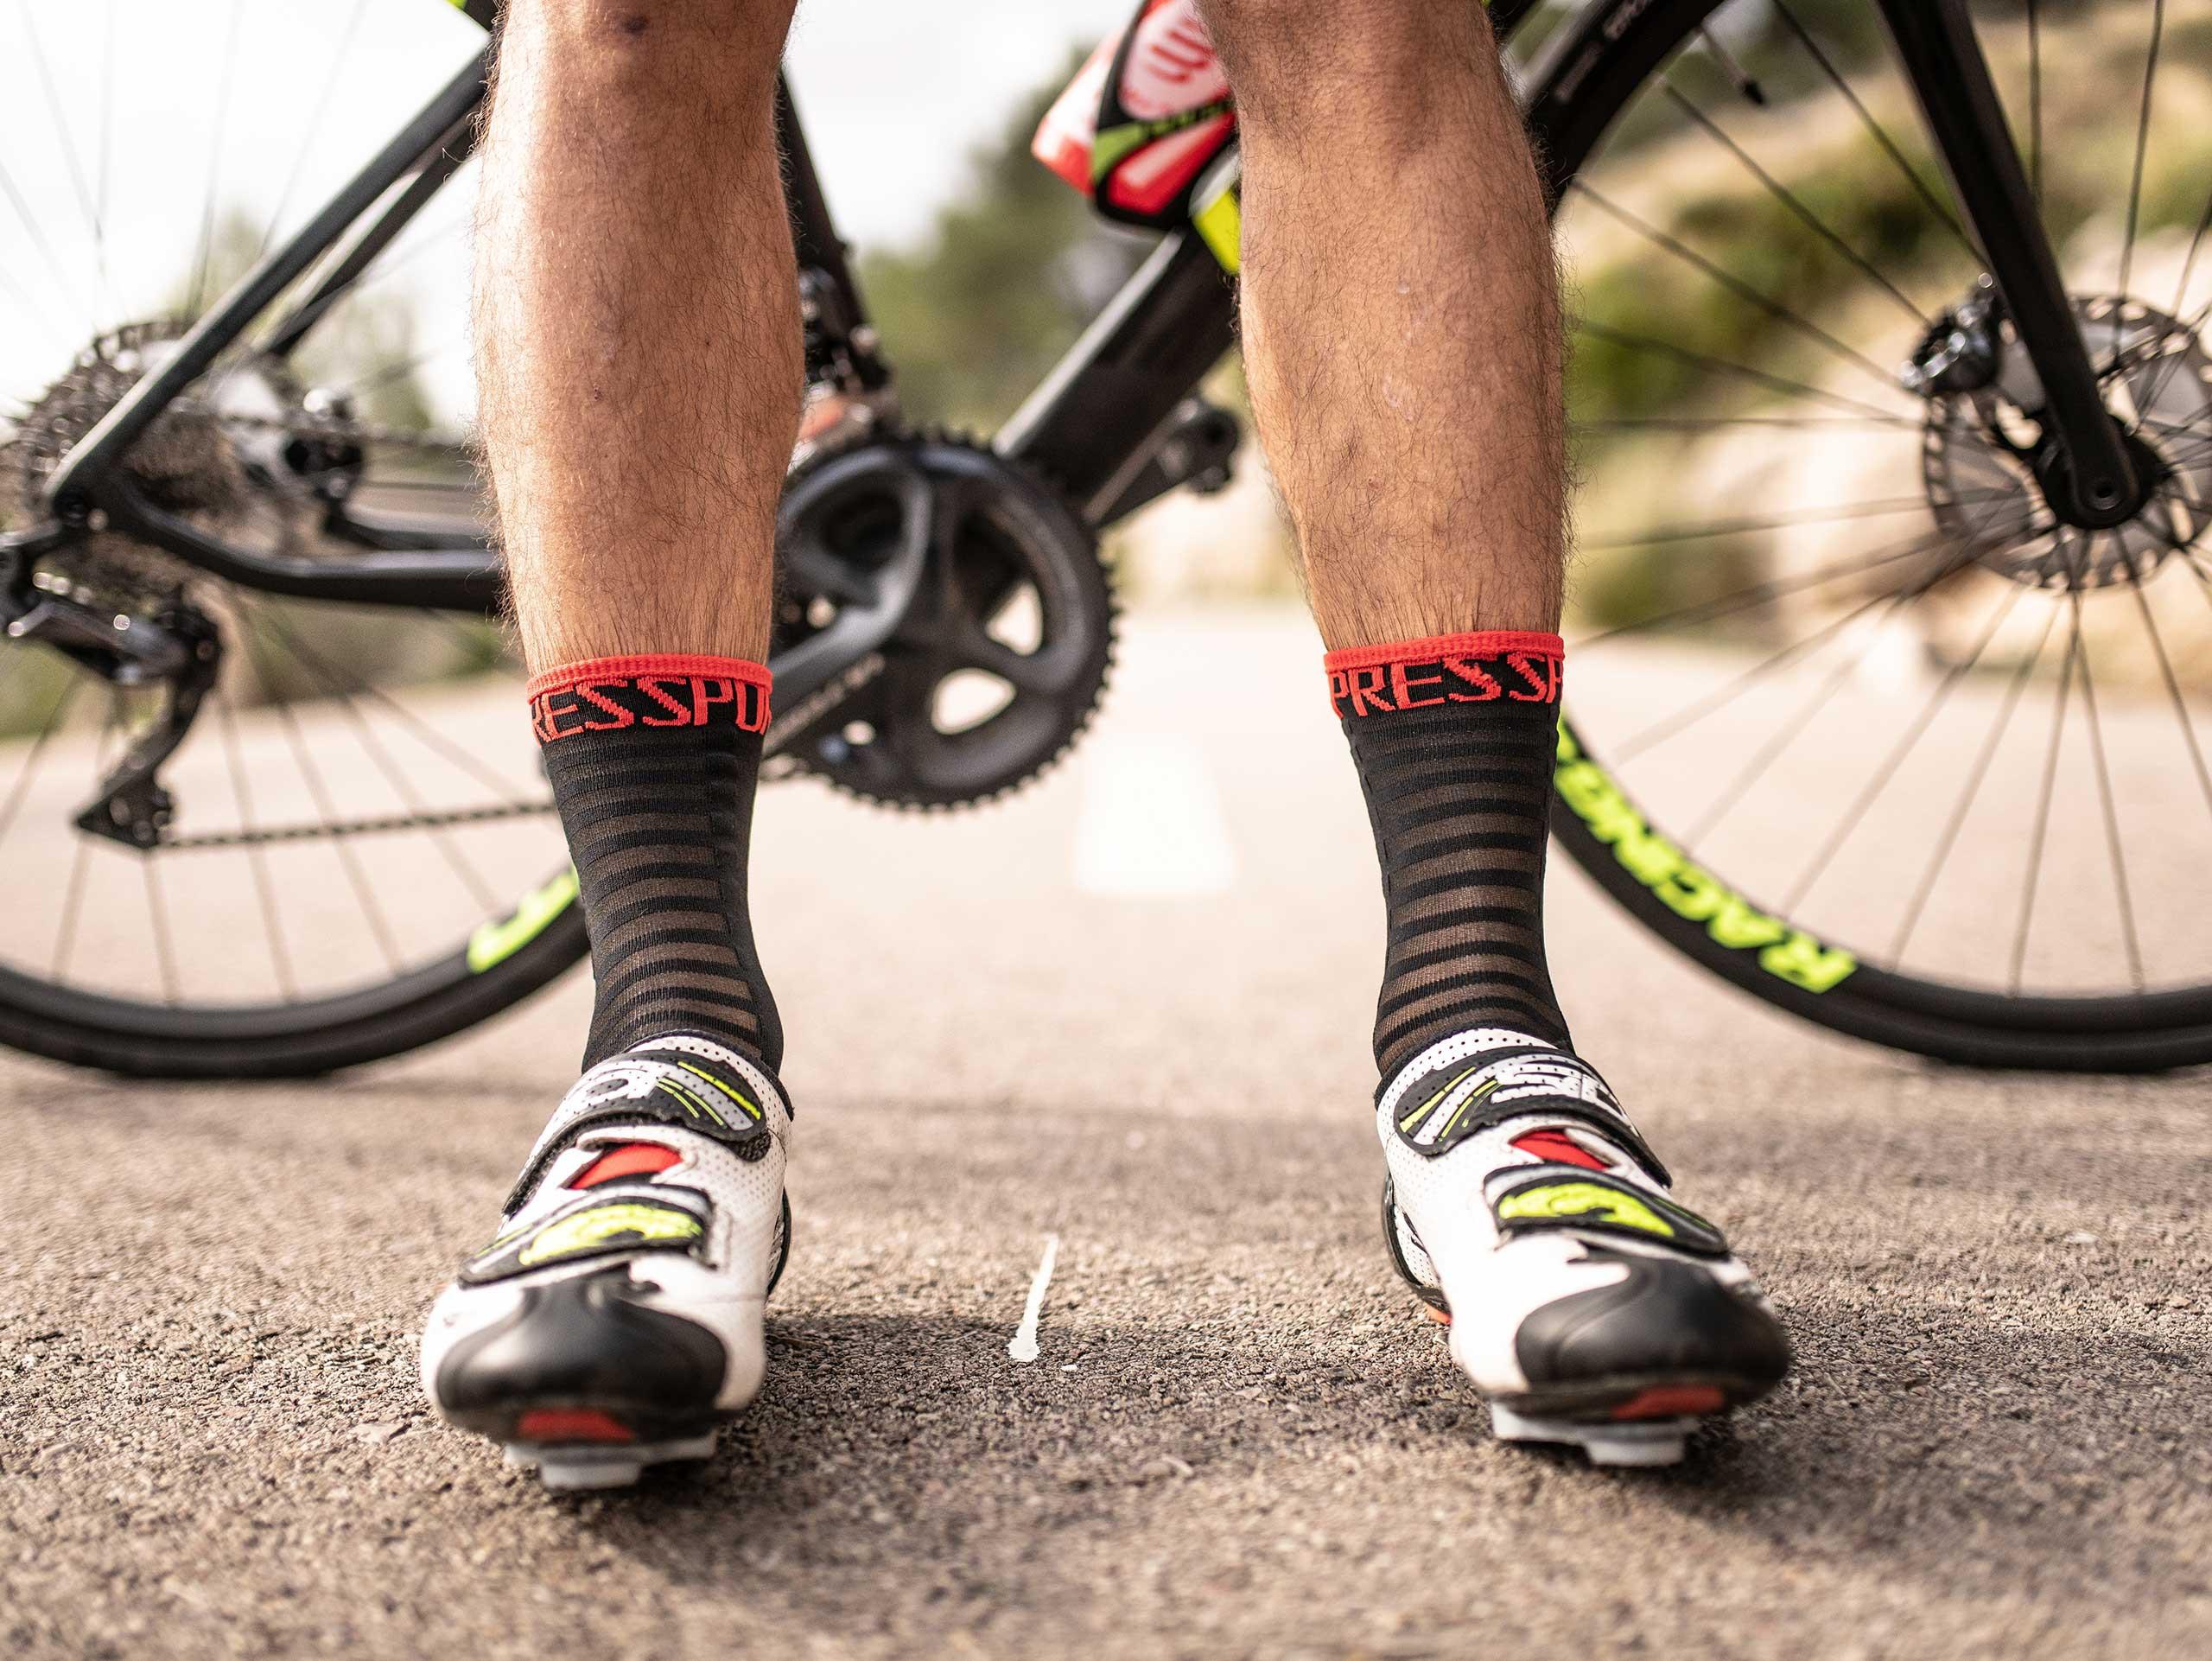 Calze da gara professionali v3.0 Ultralight Bike neri/rossi